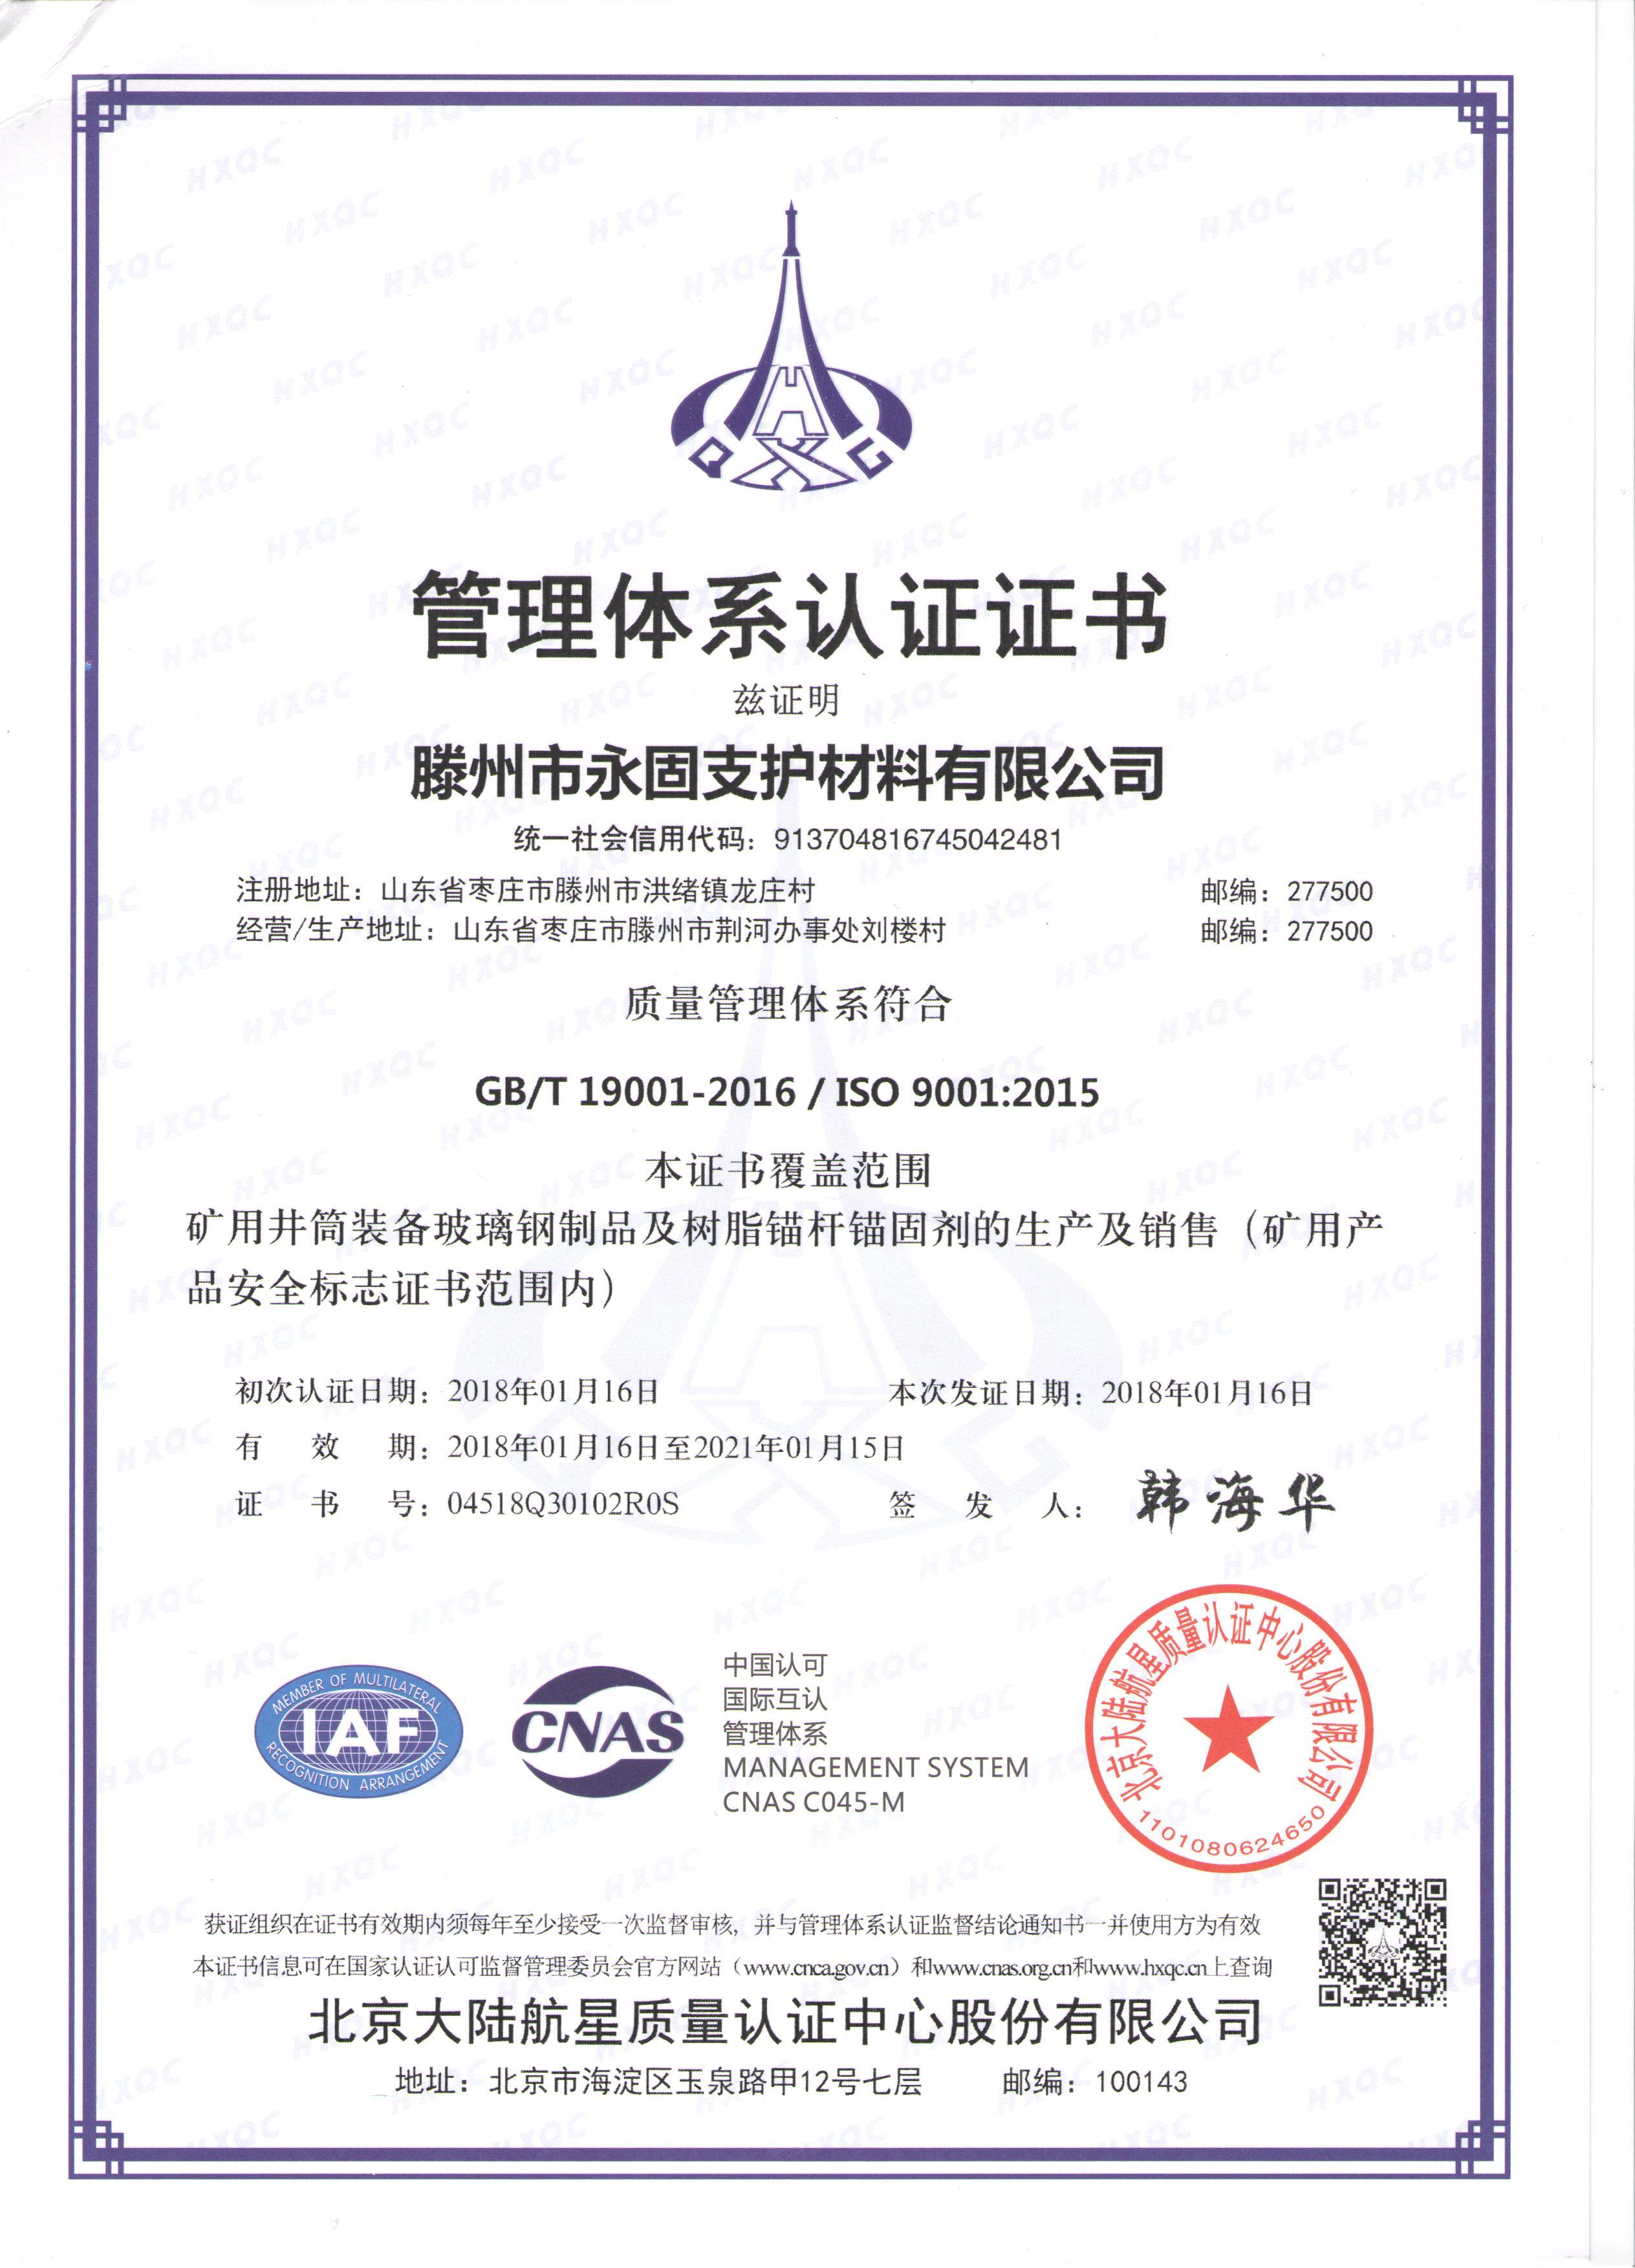 管理体系认证书